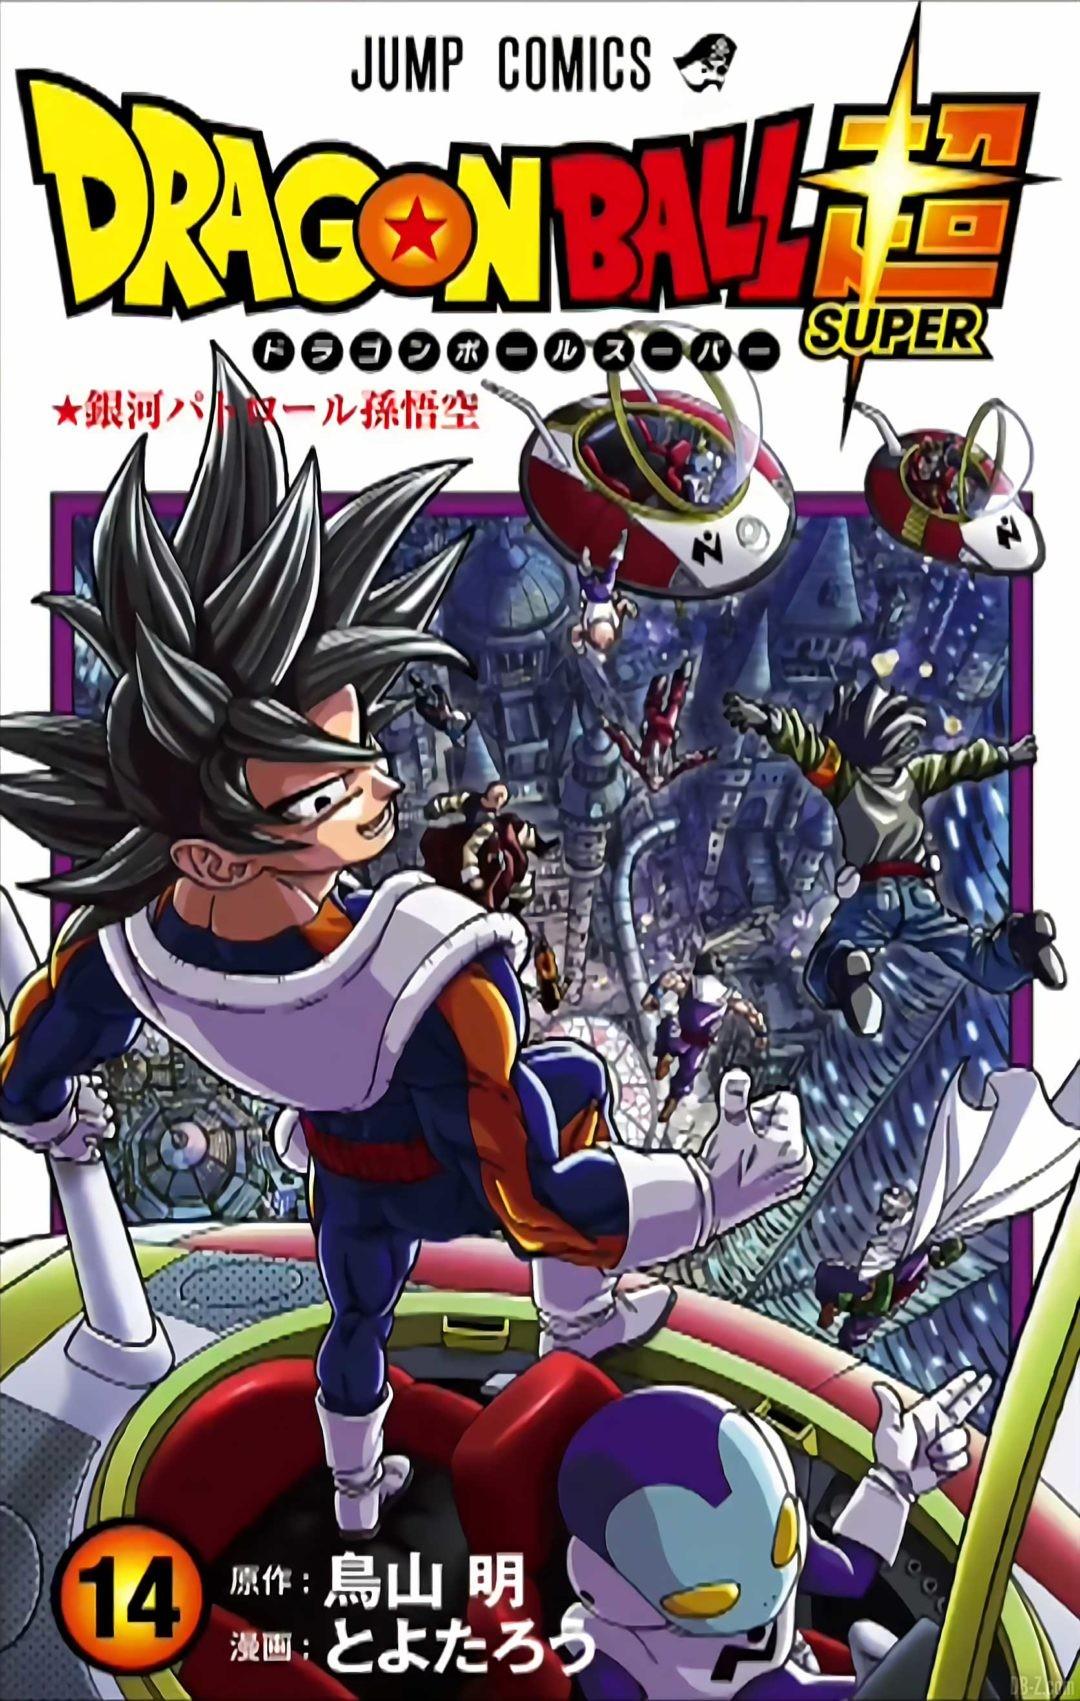 Cover tome 14 Dragon Ball Super